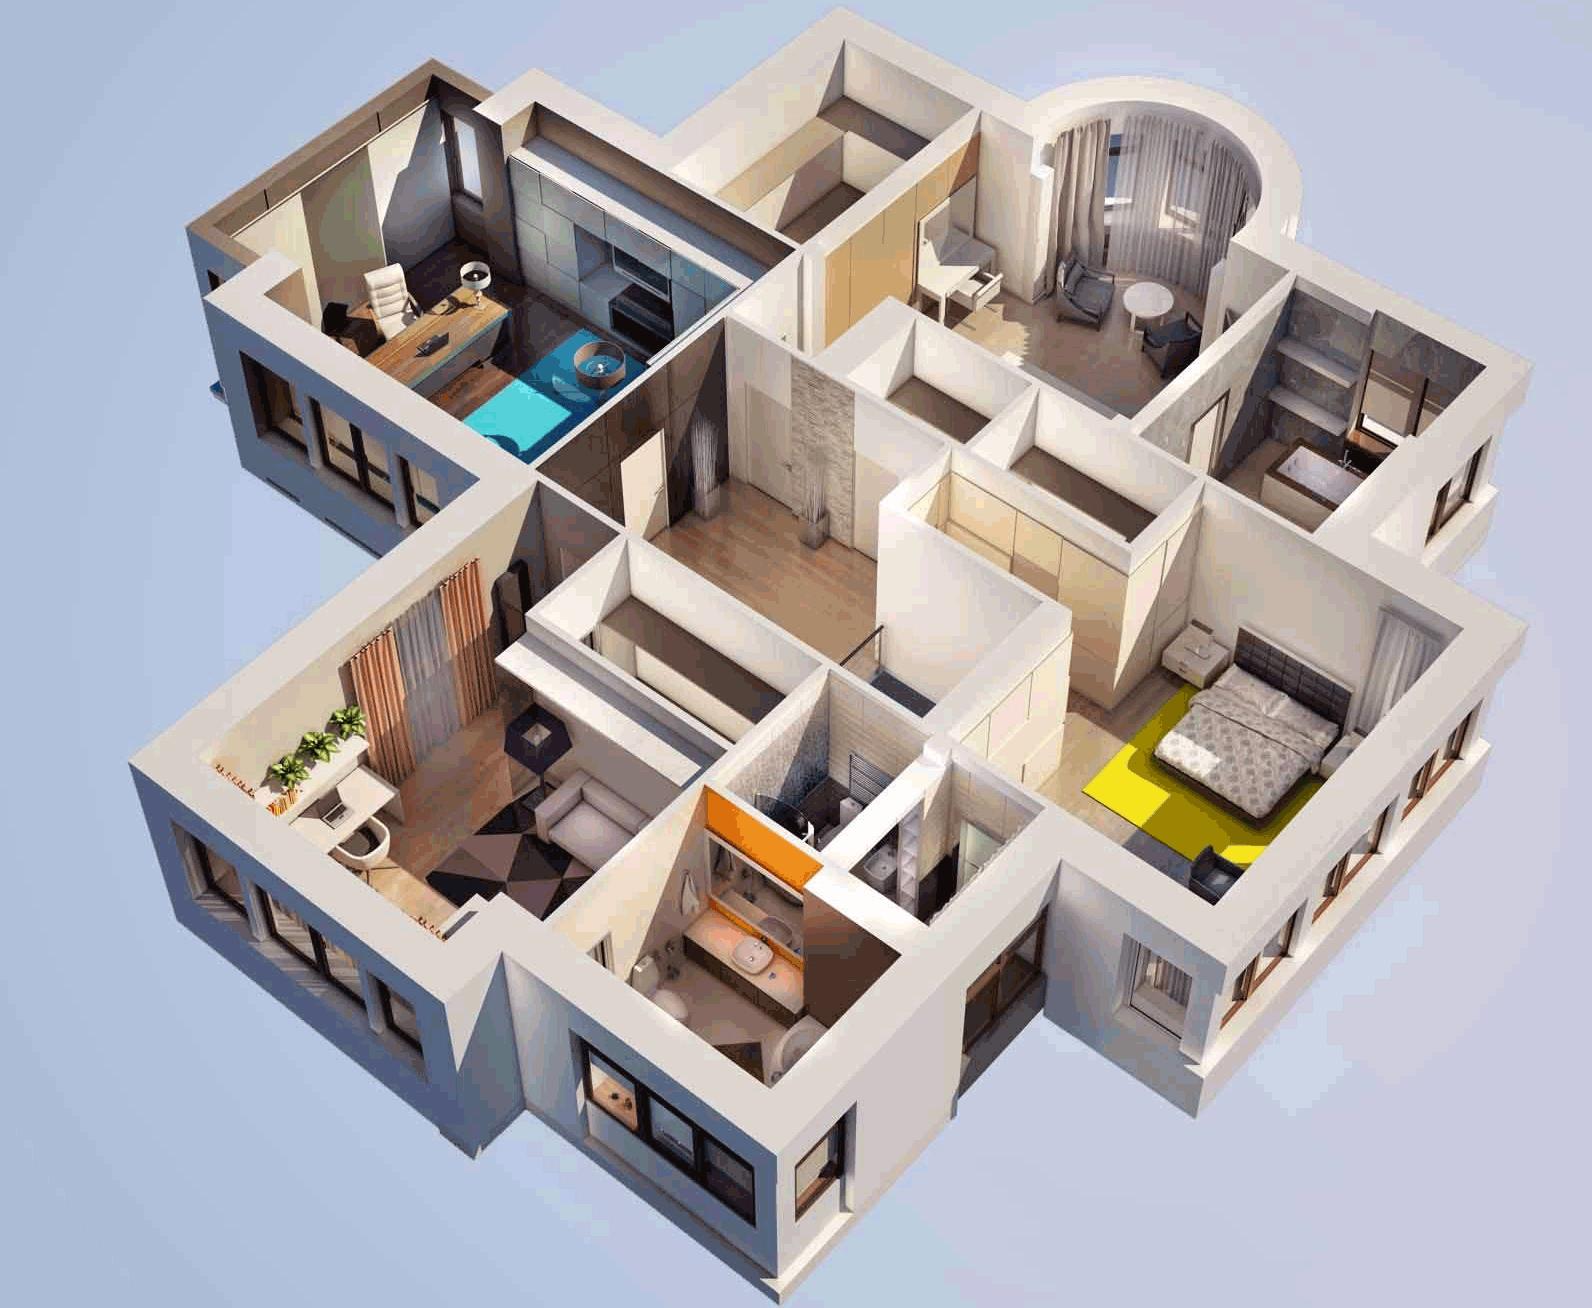 Лучшая планировка дома: варианты, правила и рекомендации